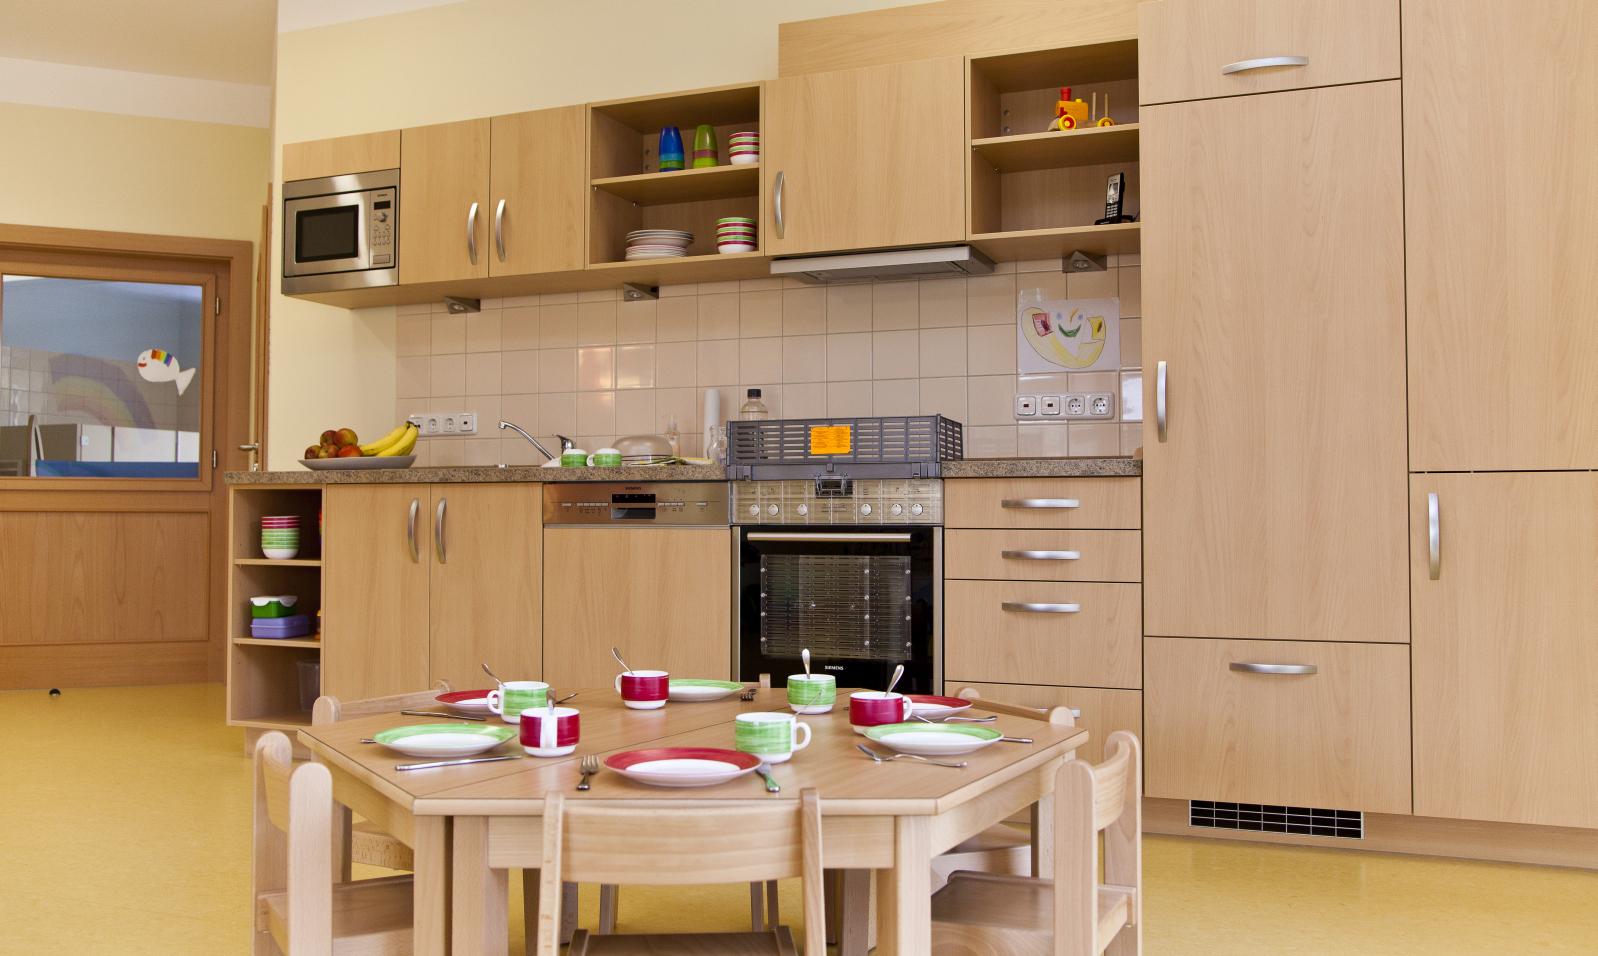 objekteinrichtung betreuungseinrichtungen kindertagesst tte objekteinrichtungen und. Black Bedroom Furniture Sets. Home Design Ideas